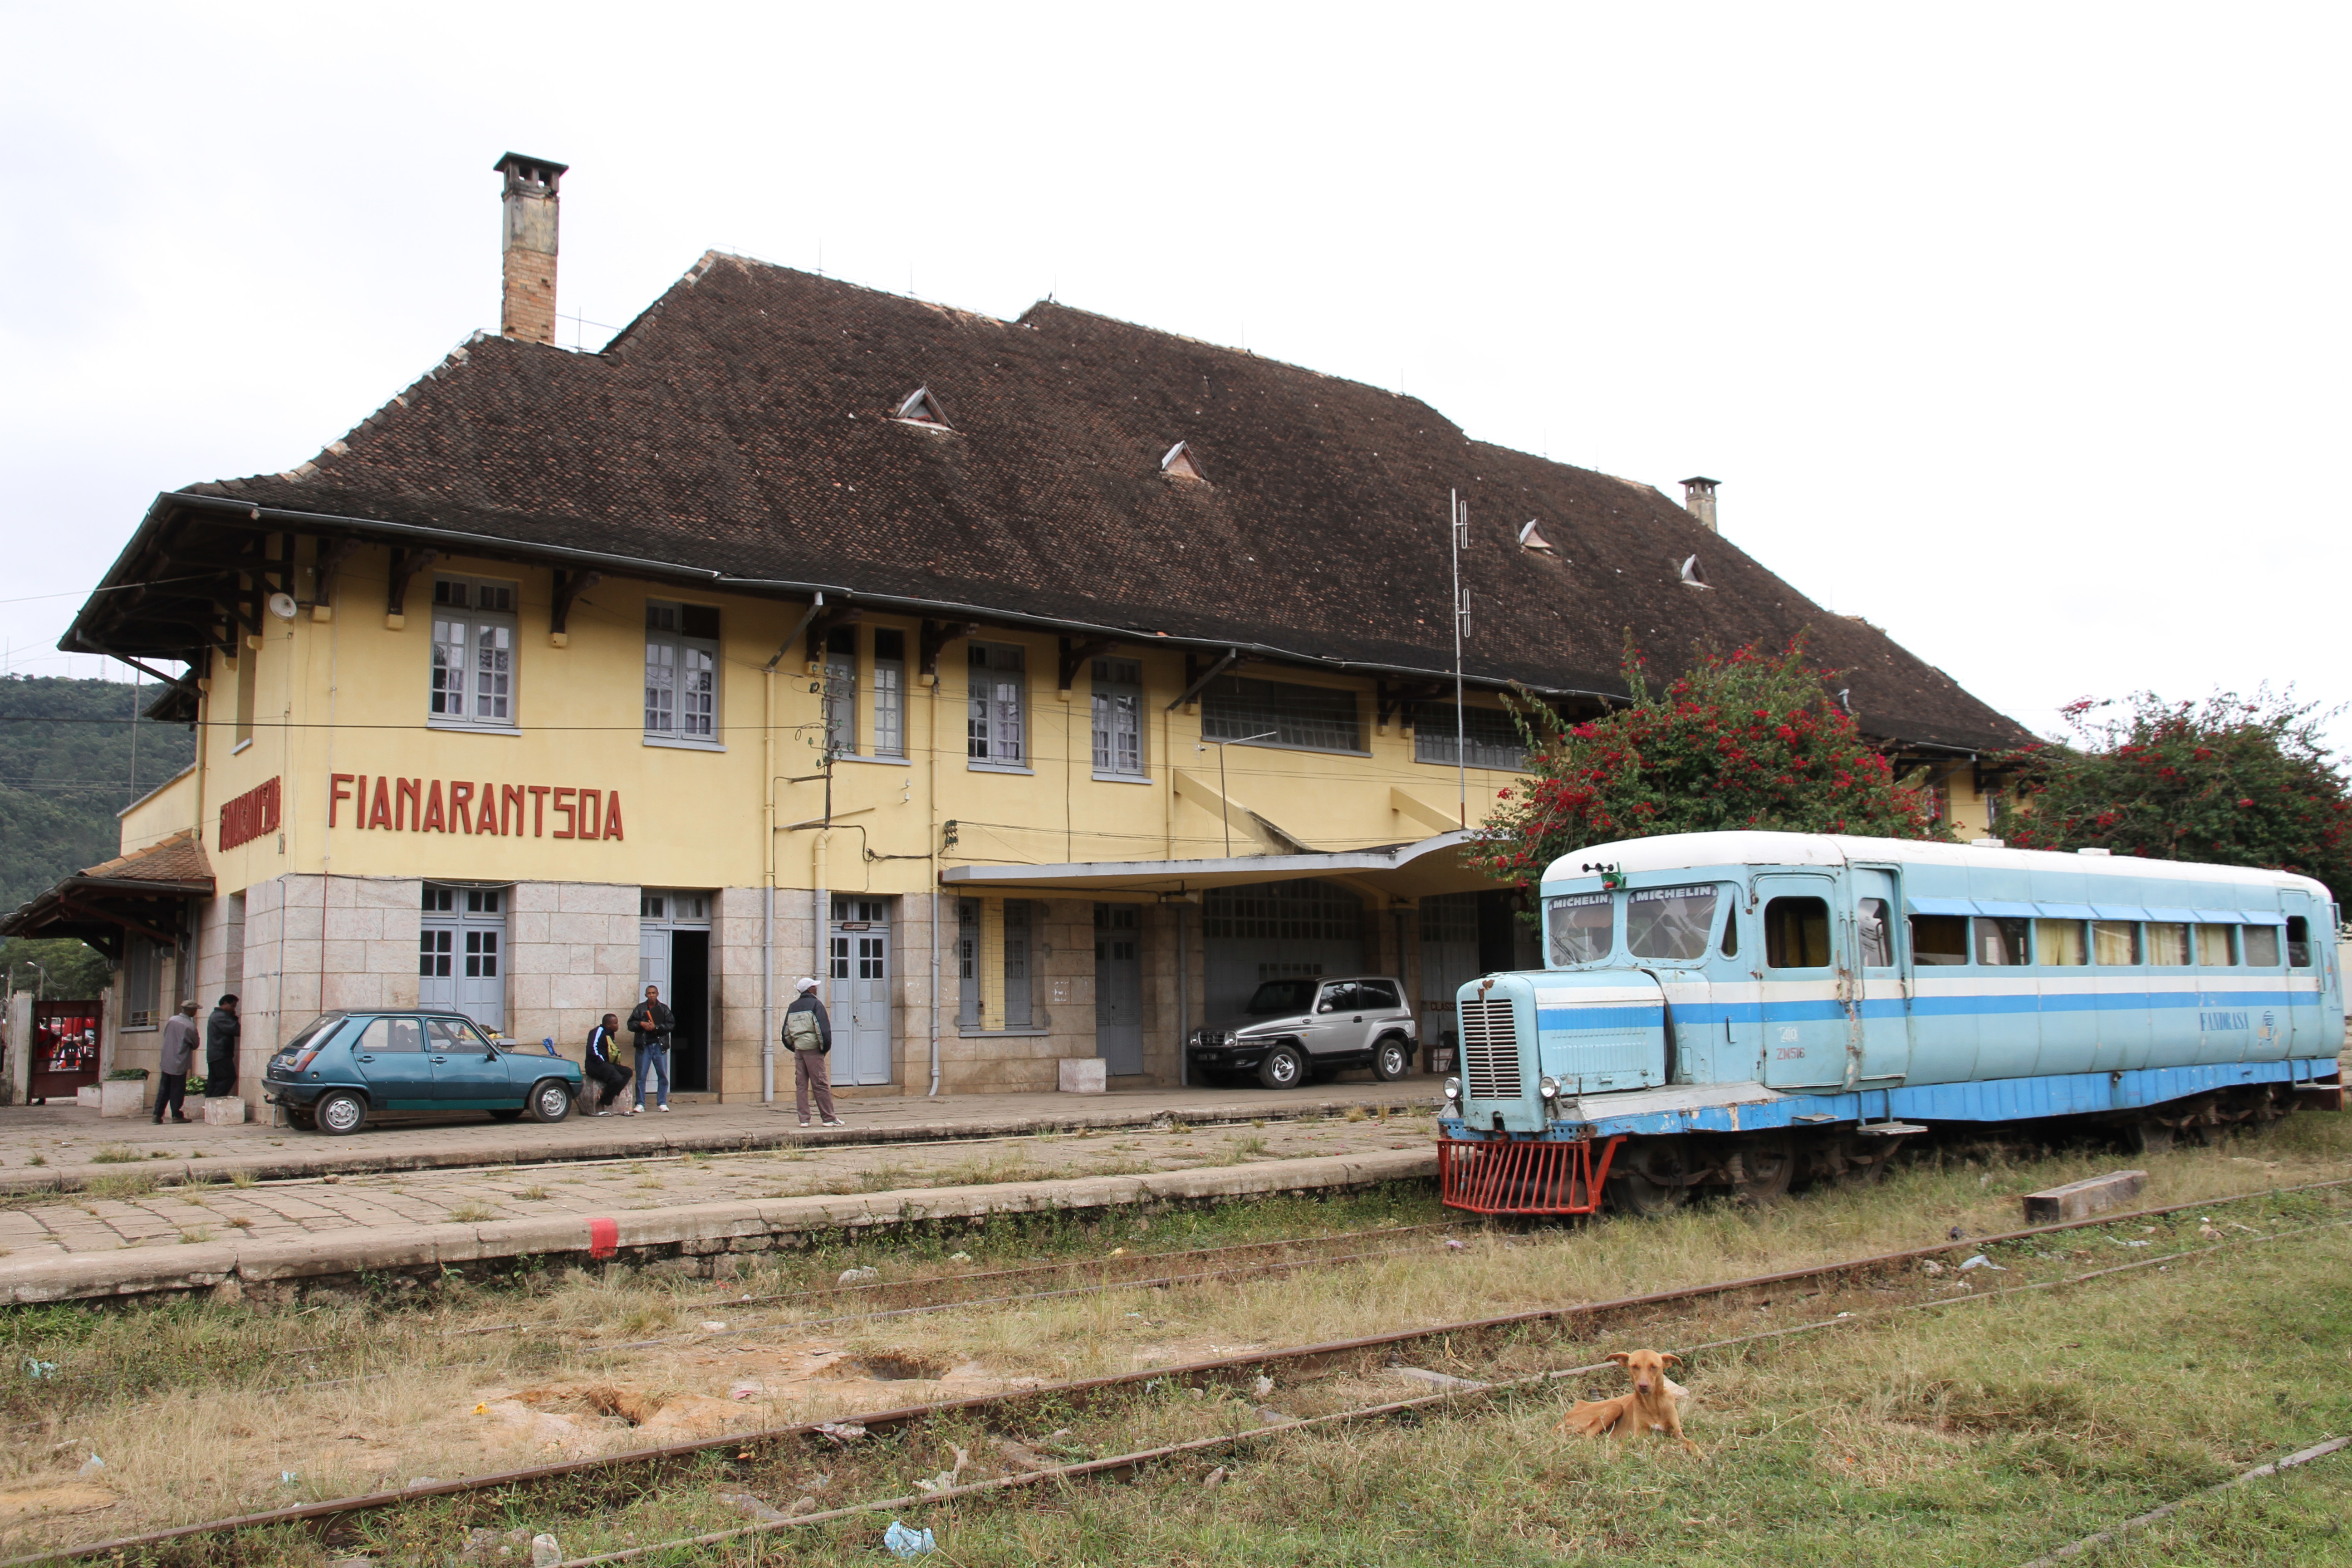 Bahnhof Fianarantsoa